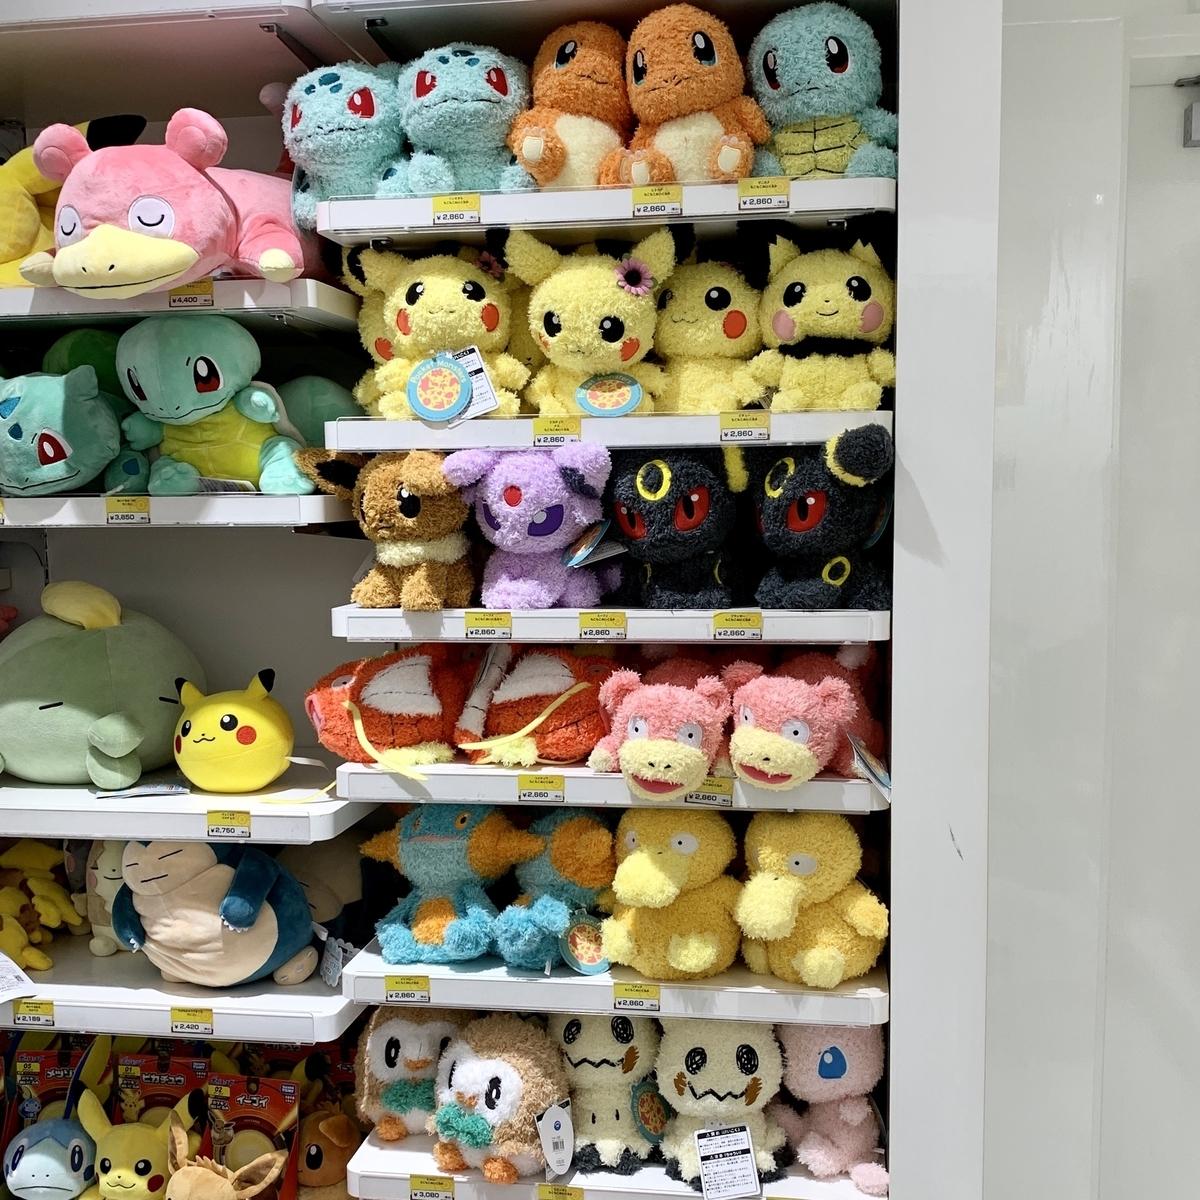 f:id:pikachu_pcn:20200925182432j:plain